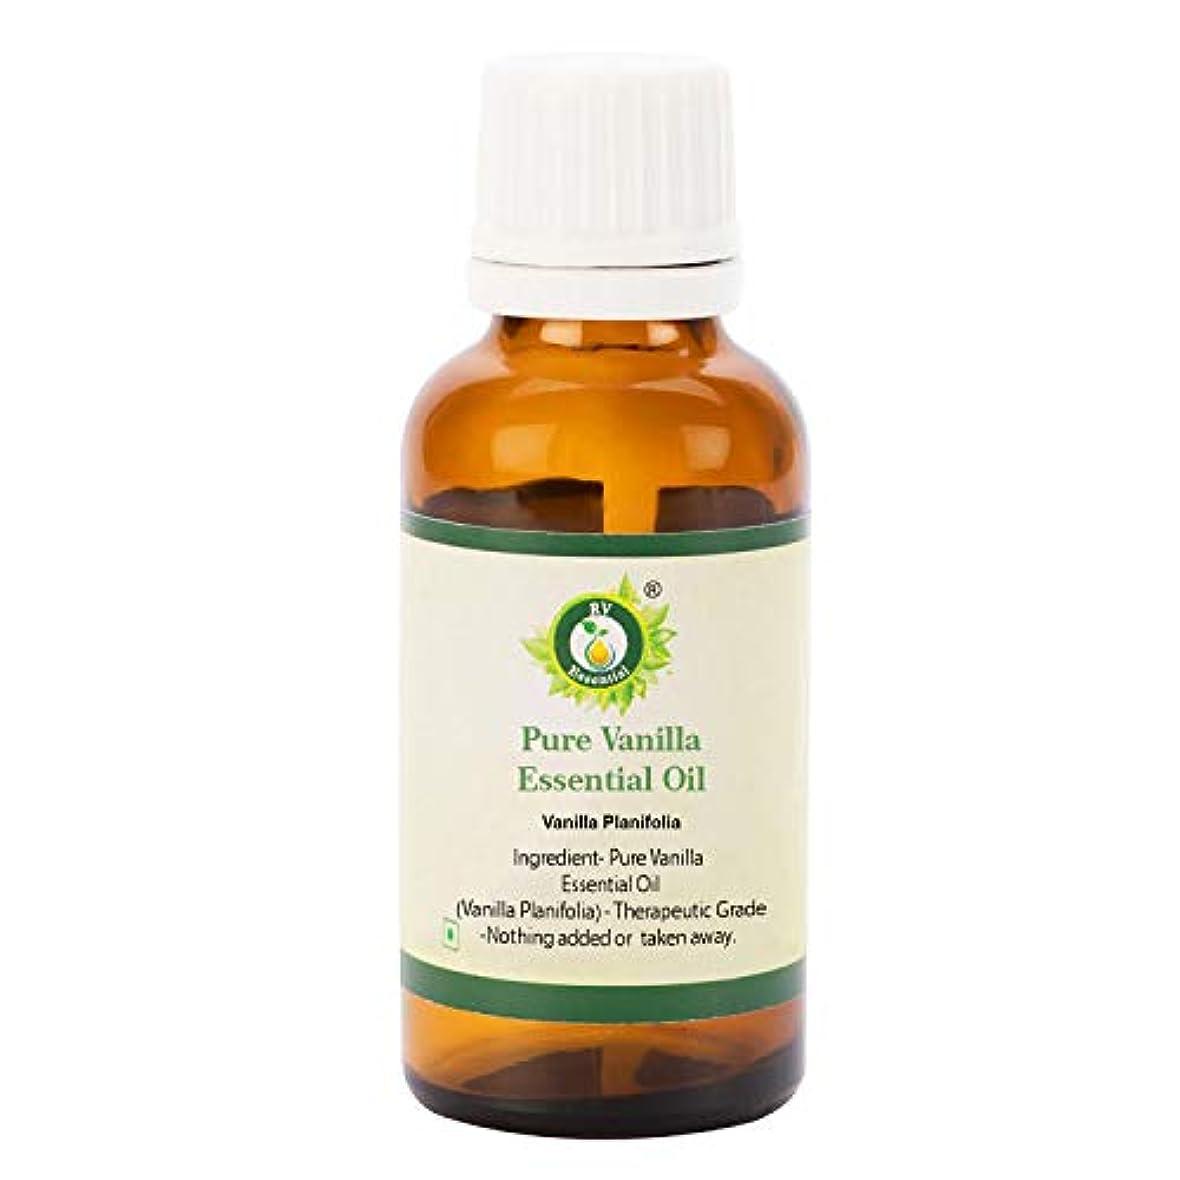 ラショナル反逆脅かすR V Essential ピュアバニラエッセンシャルオイル10ml (0.338oz)- Vanilla Planifolia (100%純粋&天然) Pure Vanilla Essential Oil